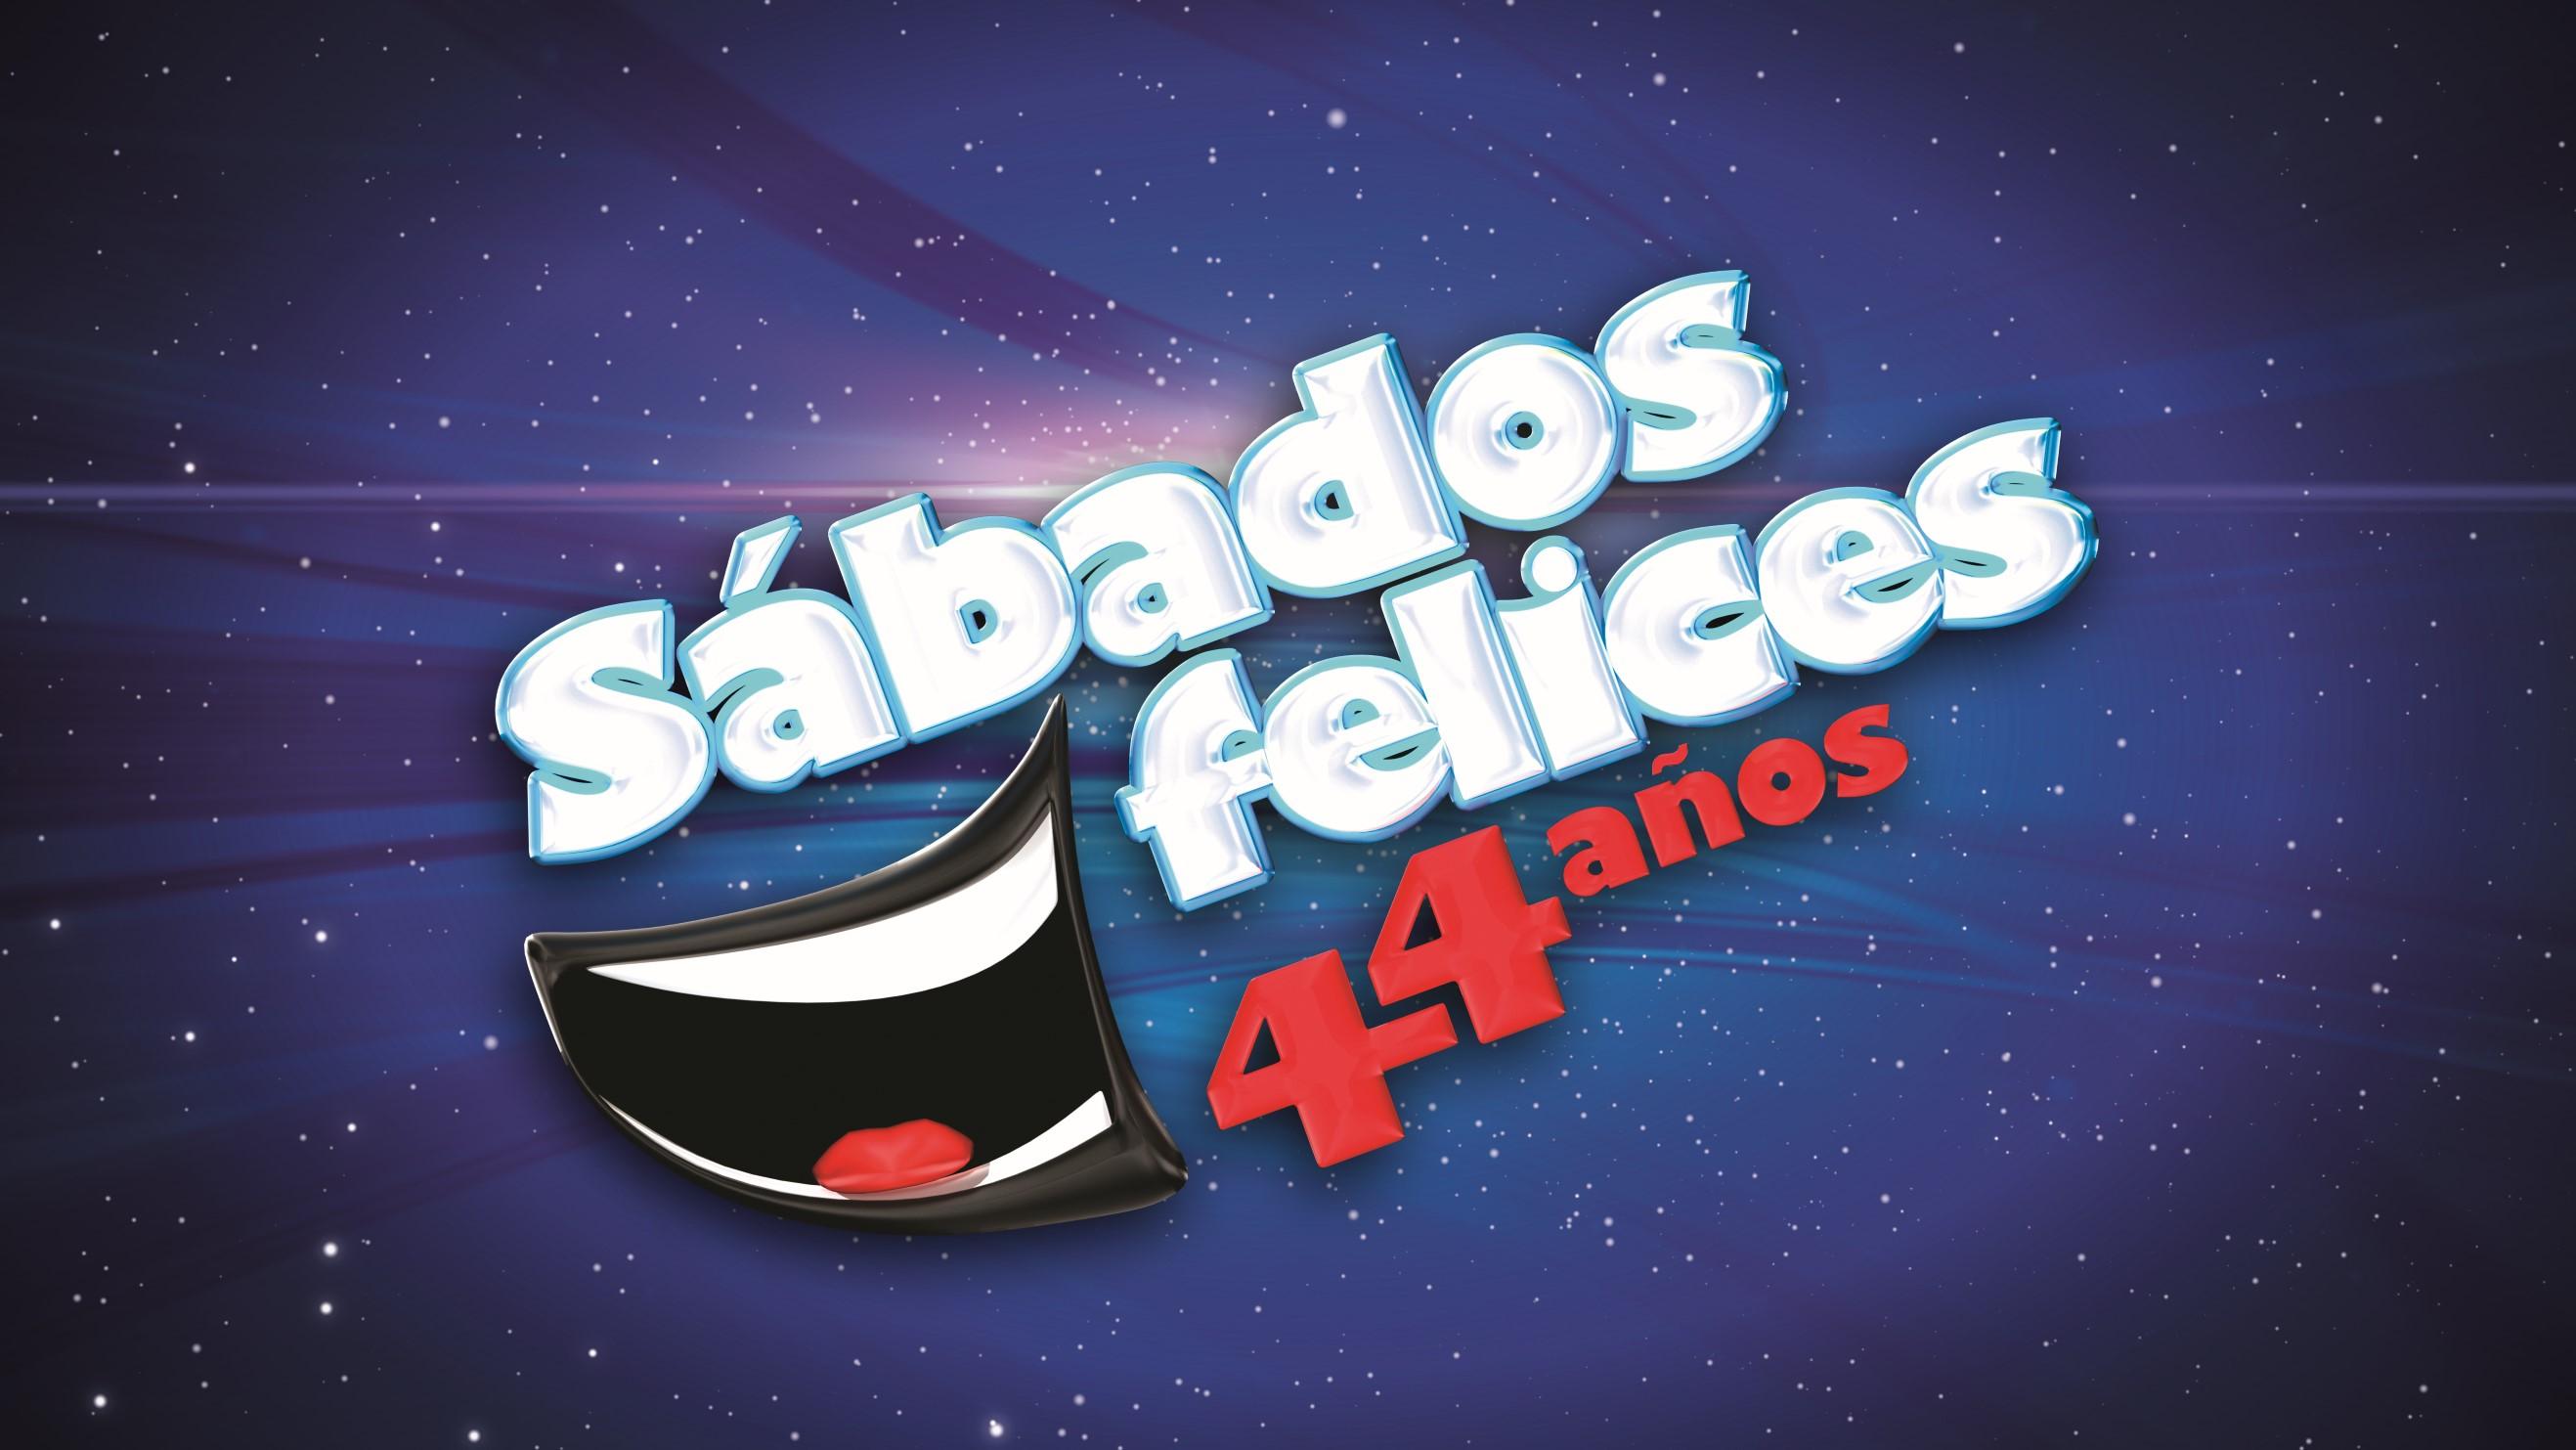 Logo, 44 años, Sábados Felices